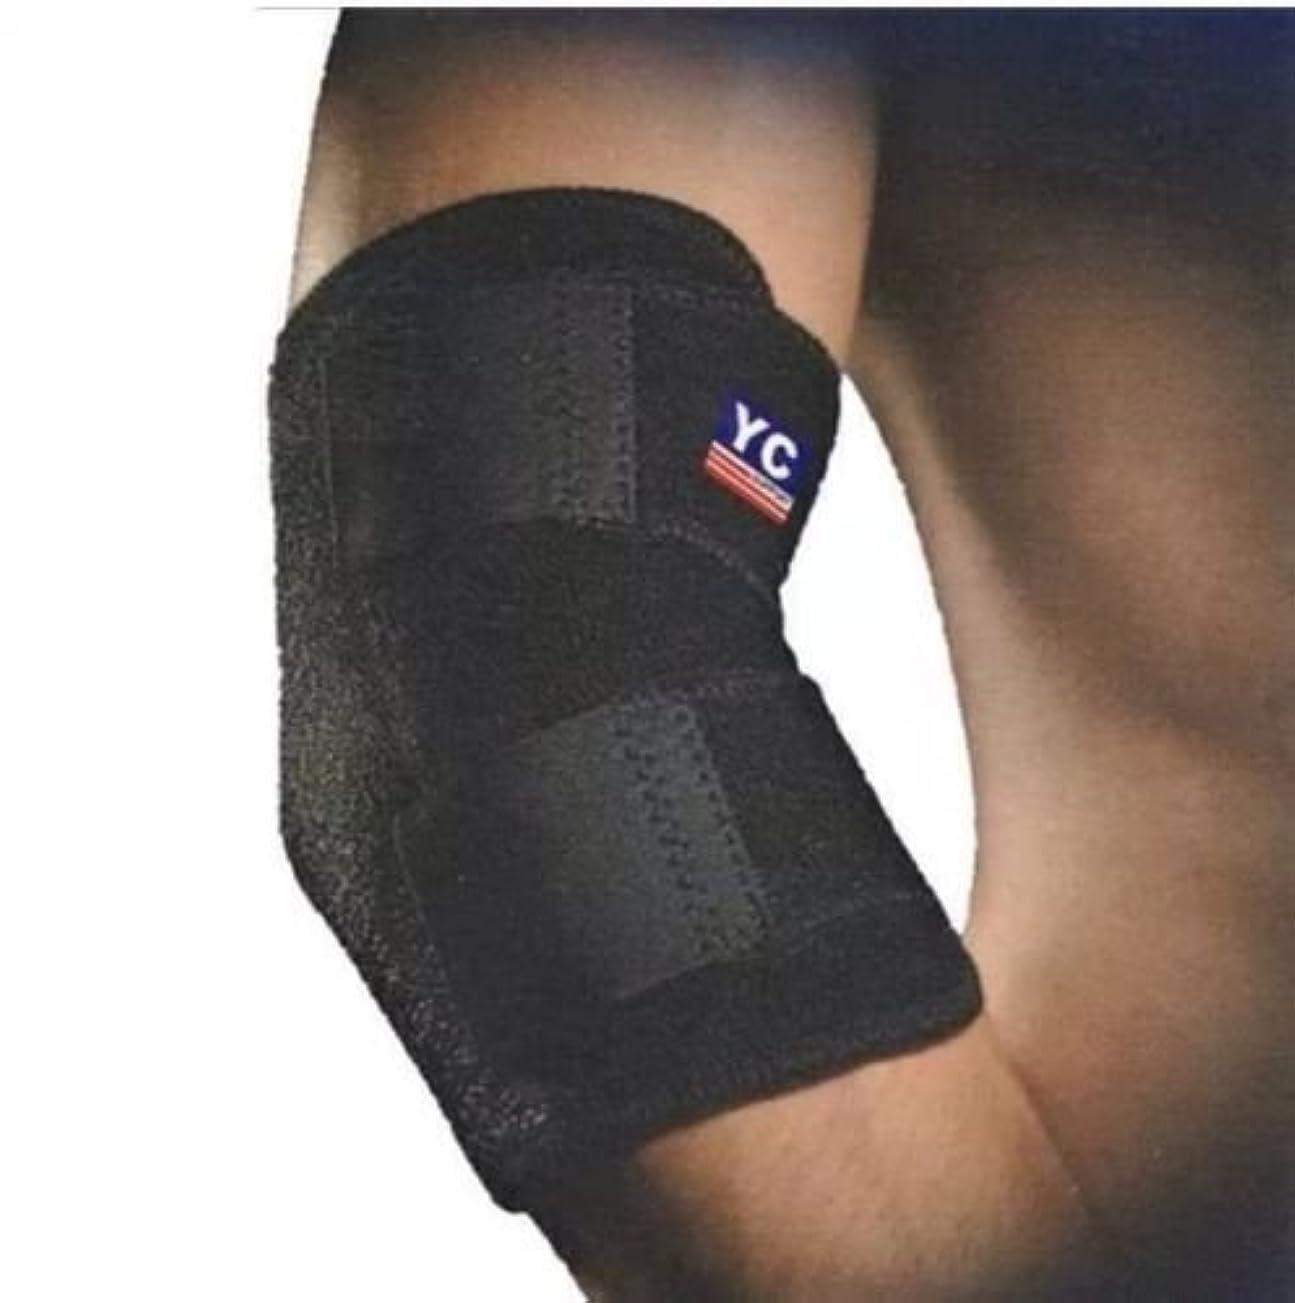 ゼリー今まで最も遠いネオプレン 調節可 肘サポート テニス 関節炎 巻き付け固定具 ジム スポーツ